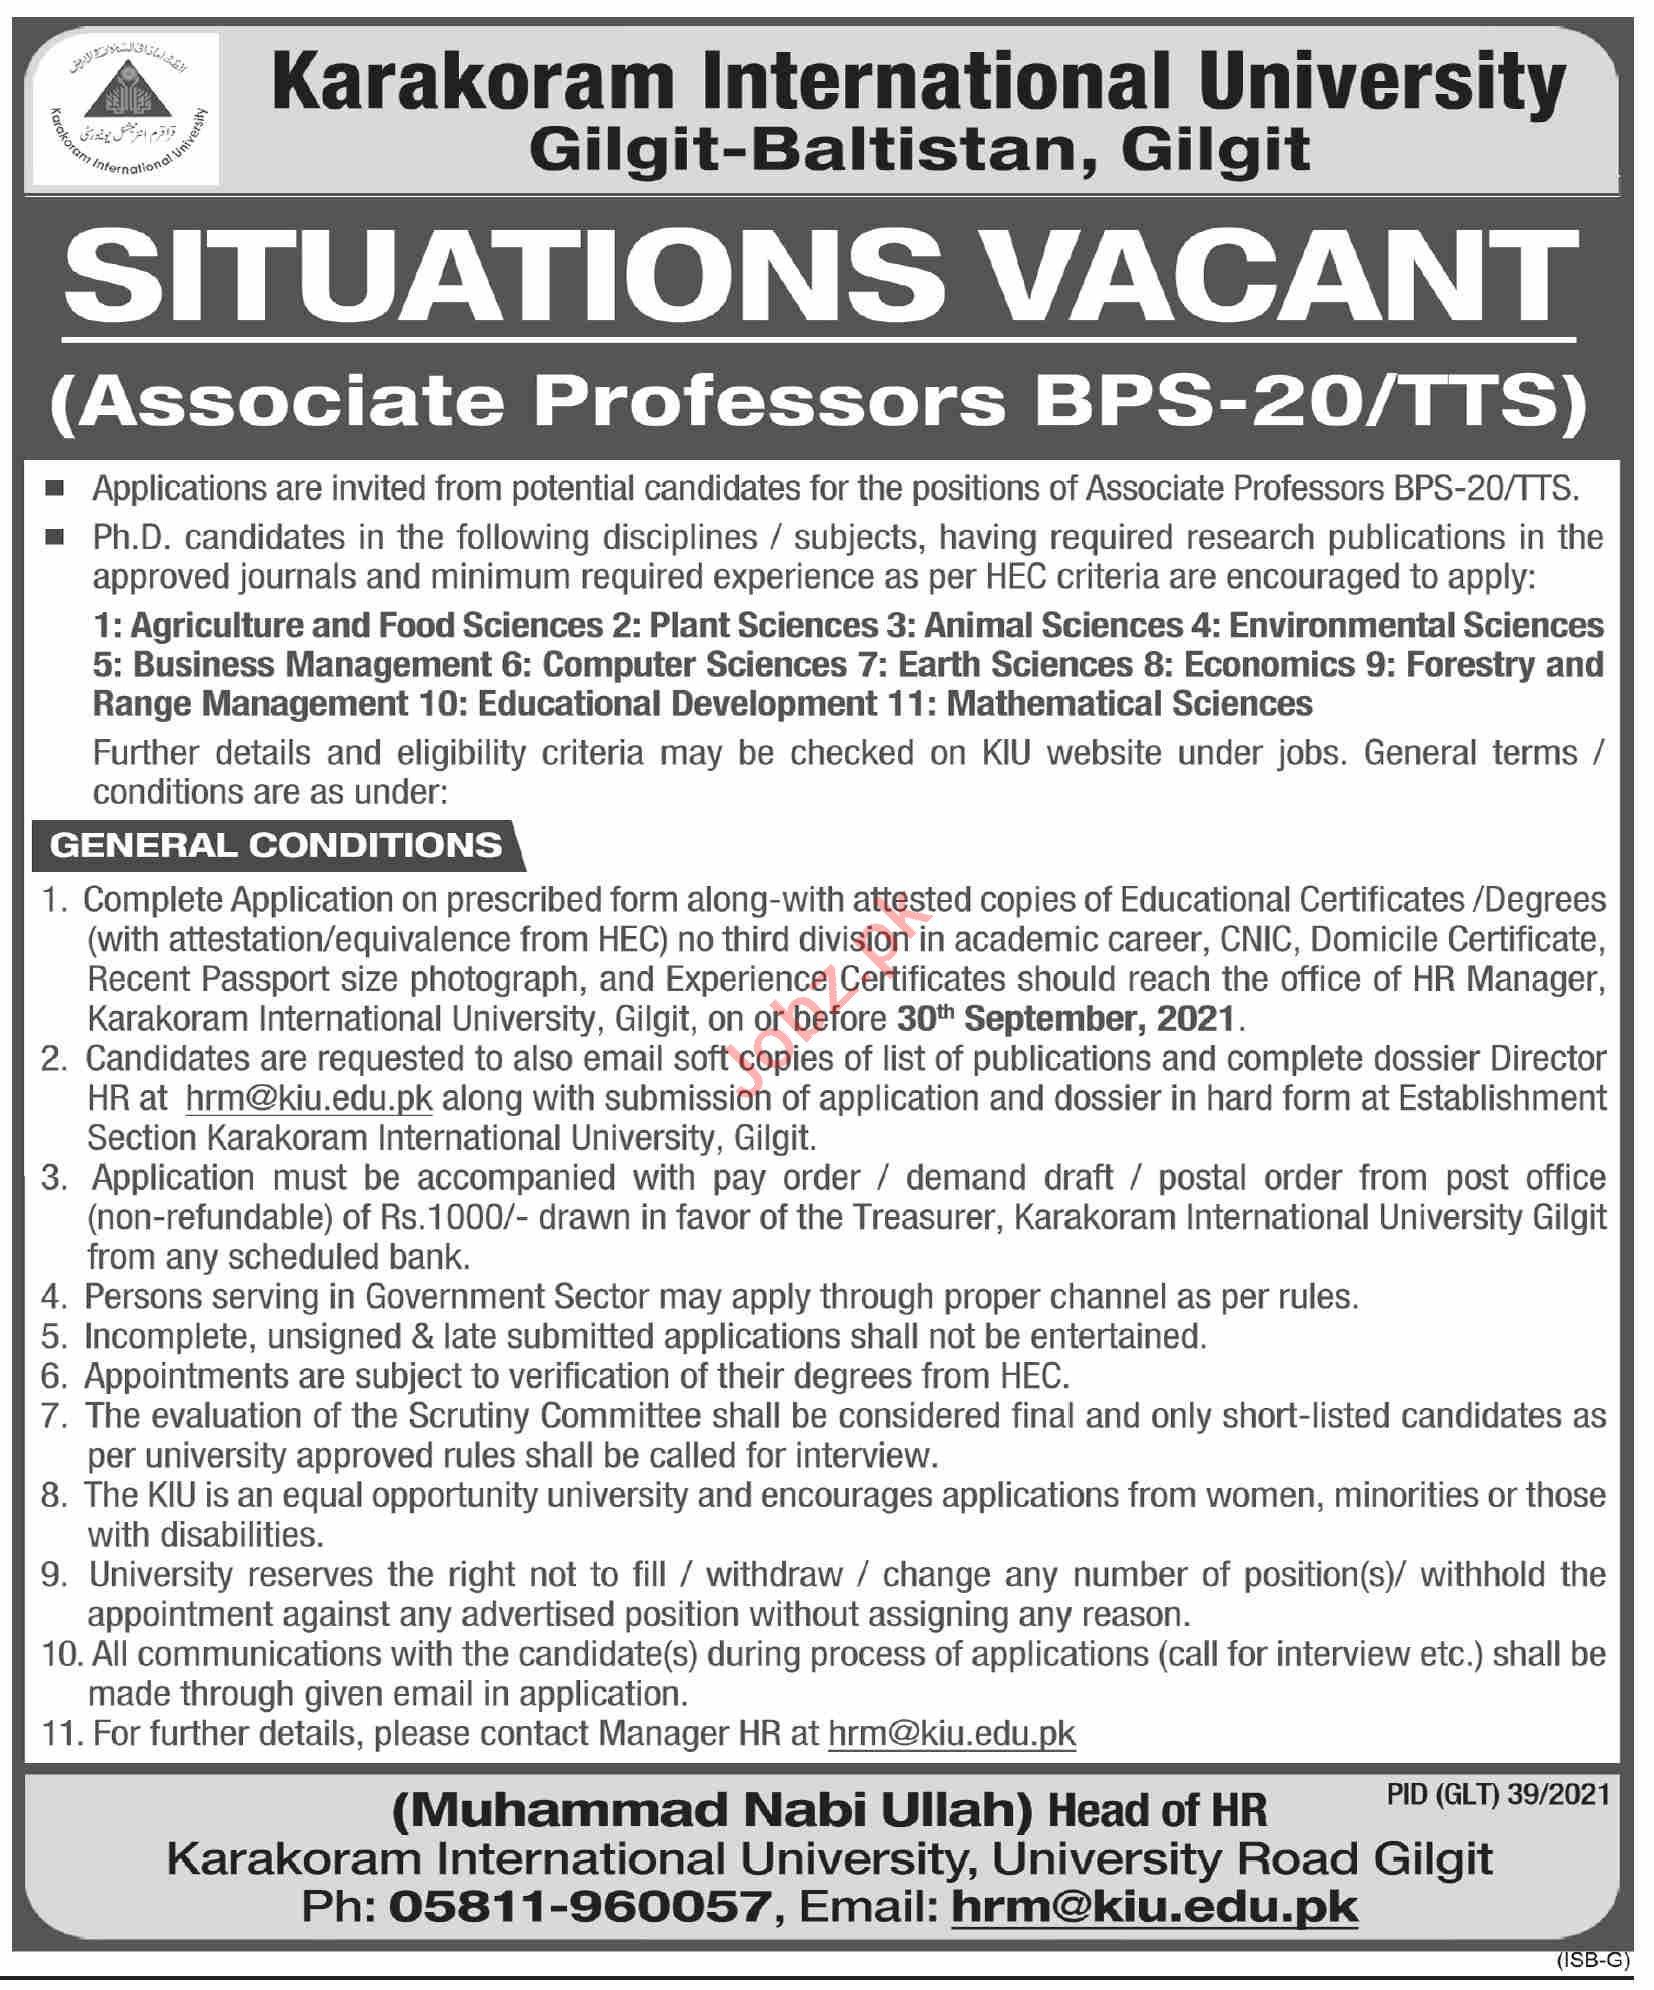 Karakoram International University Jobs 2021 for Professors